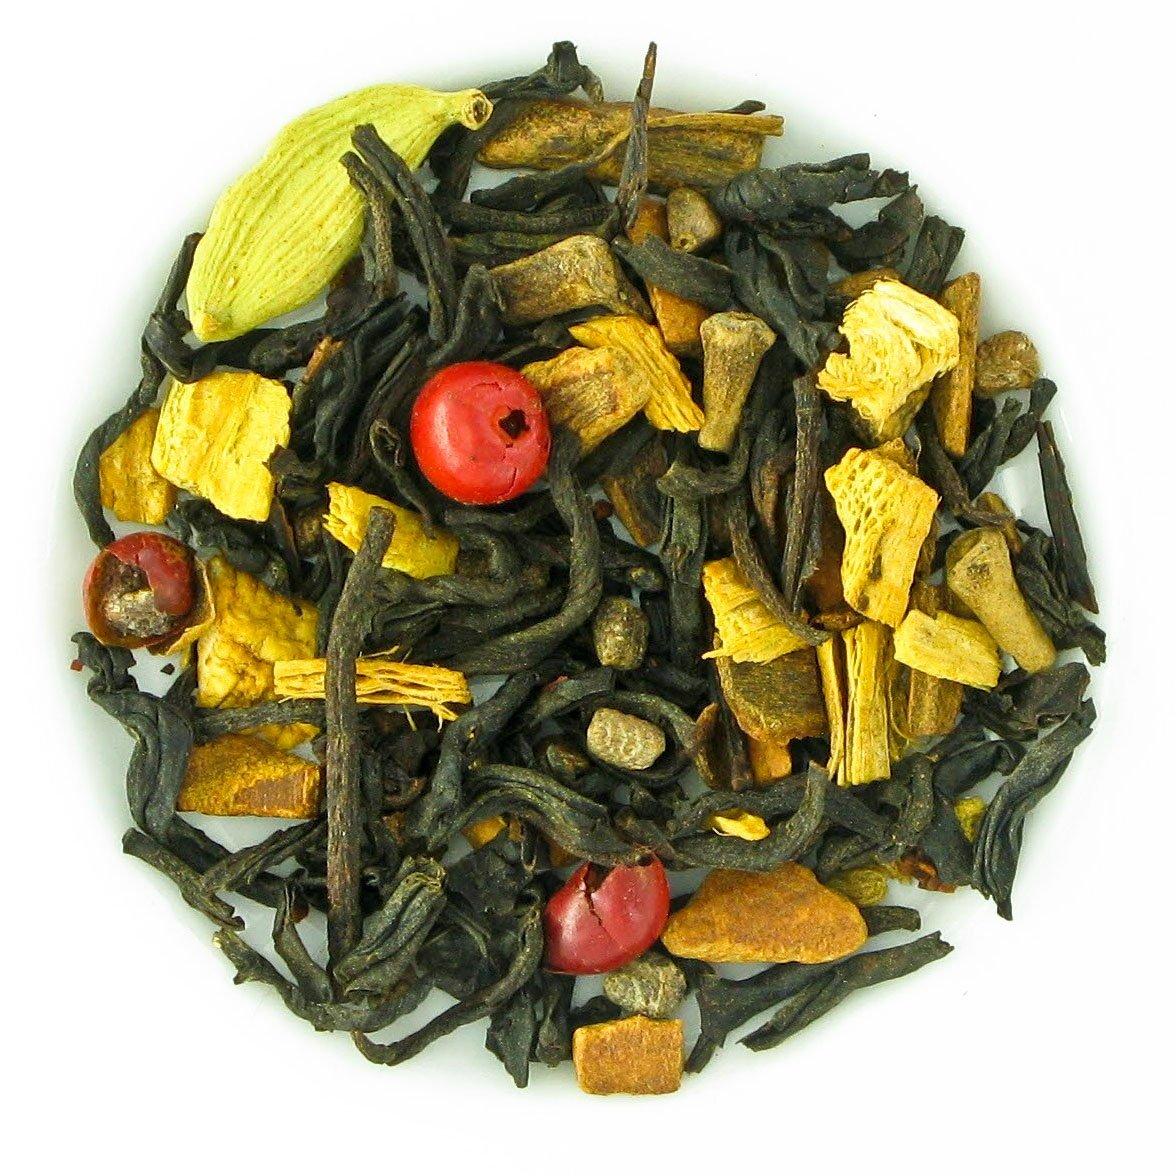 Kusmi Tea Sweet Love 4.4 oz by KUSMI TEA (Image #2)